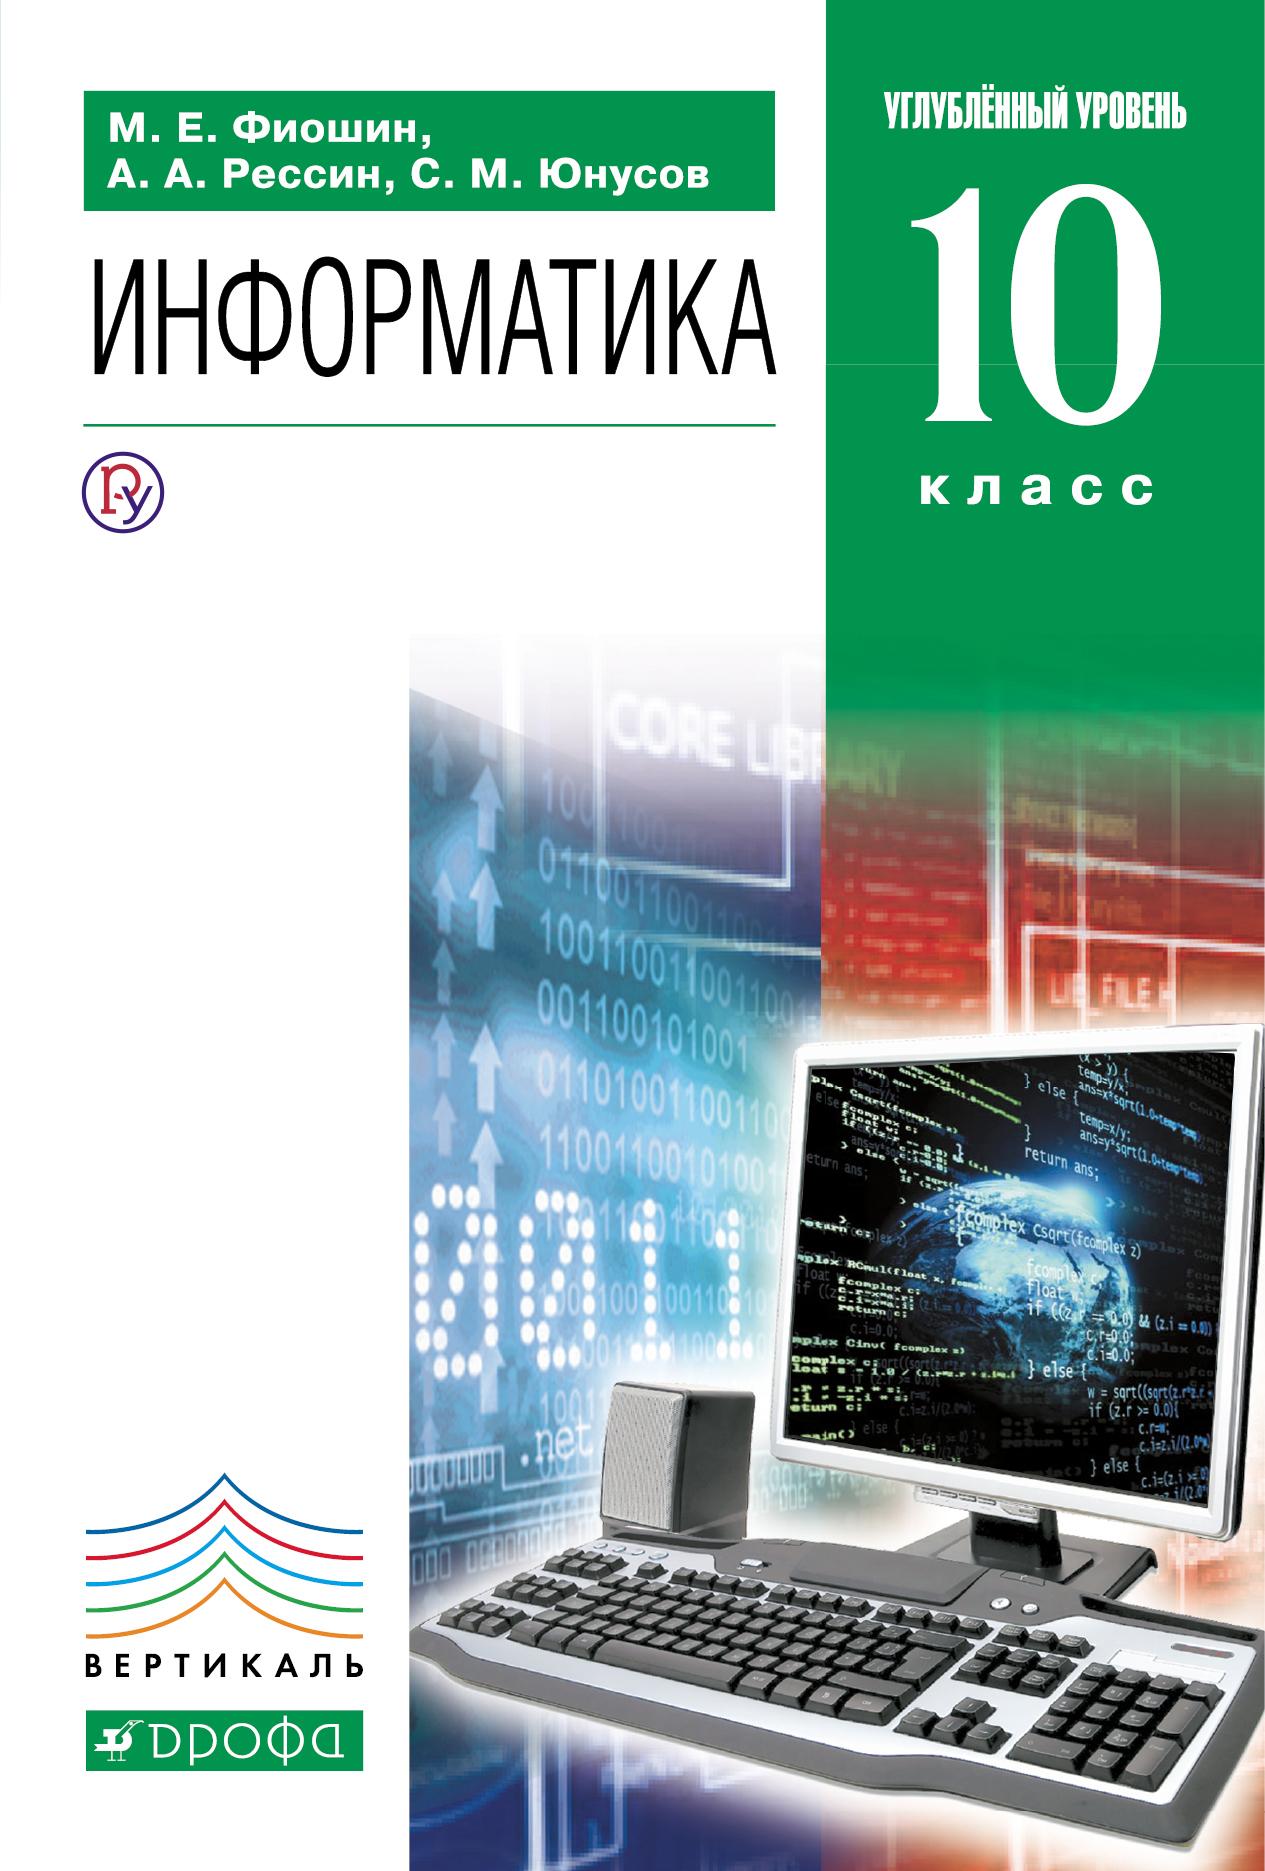 Информатика и ИКТ. 10 класс. Углубленный уровень. Учебник ( Фиошин М.Е., Рессин А.А., Юнусов С.М.  )